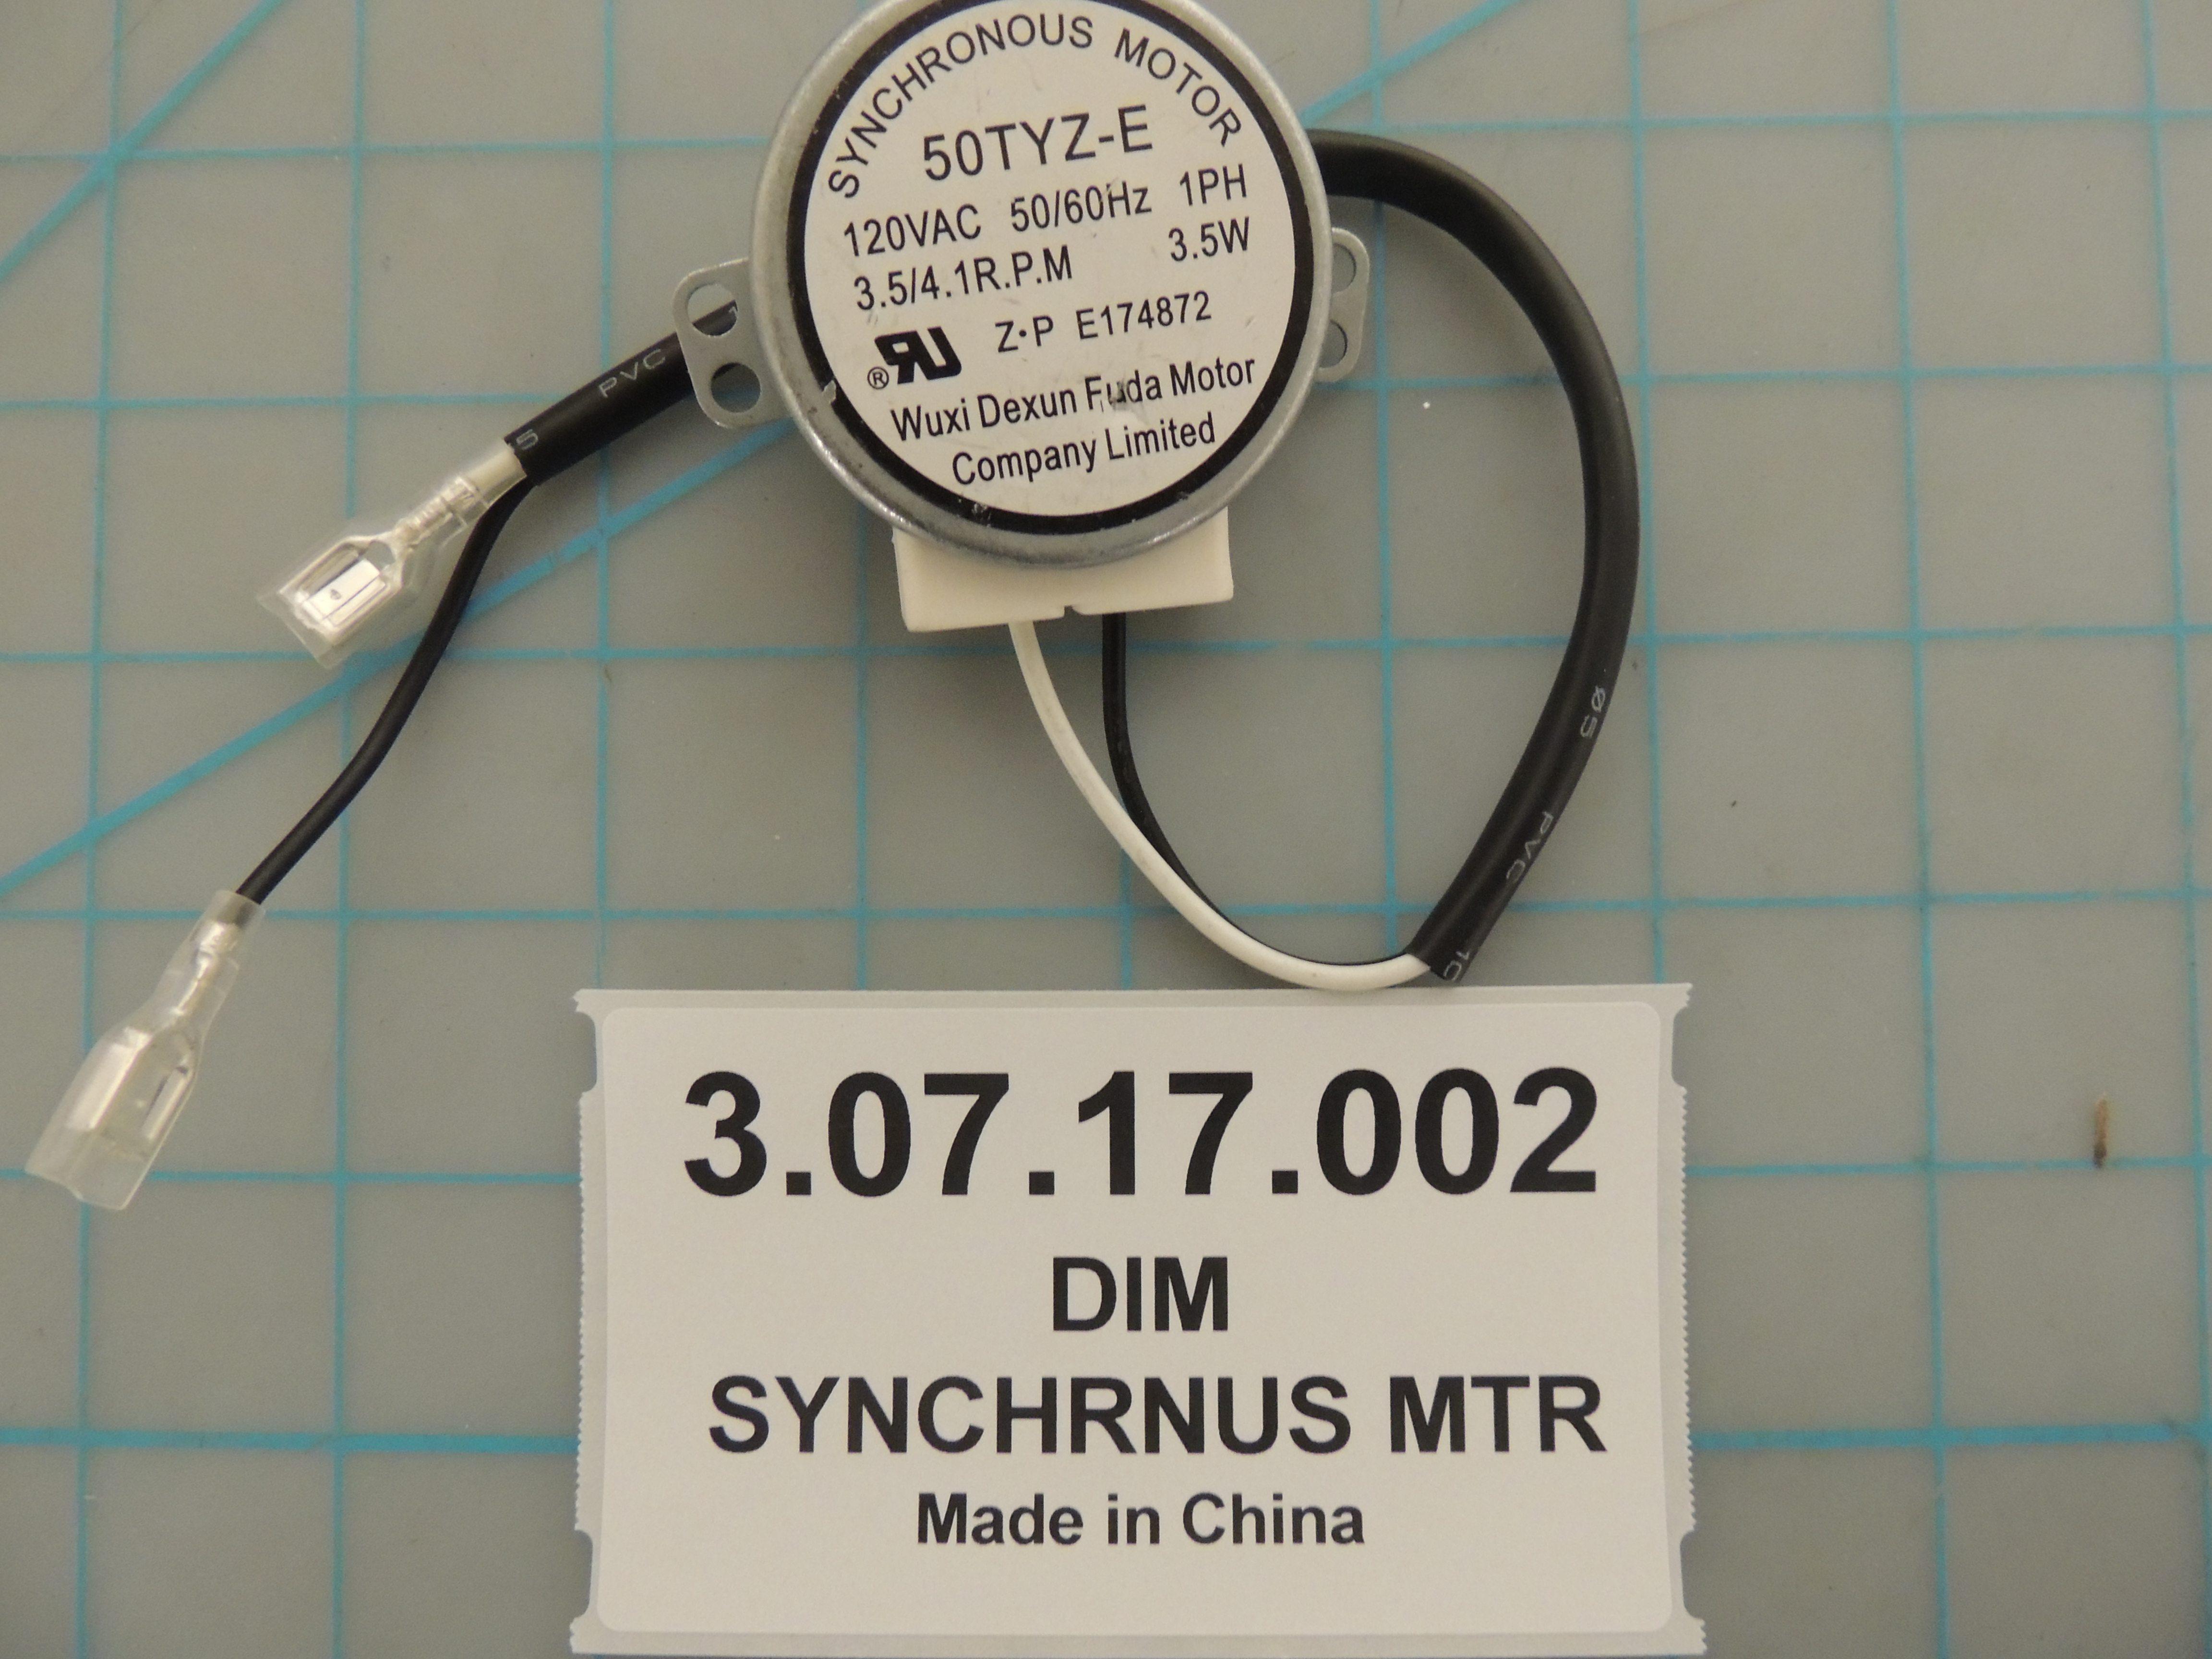 DIM SYNCHRNUS MTR